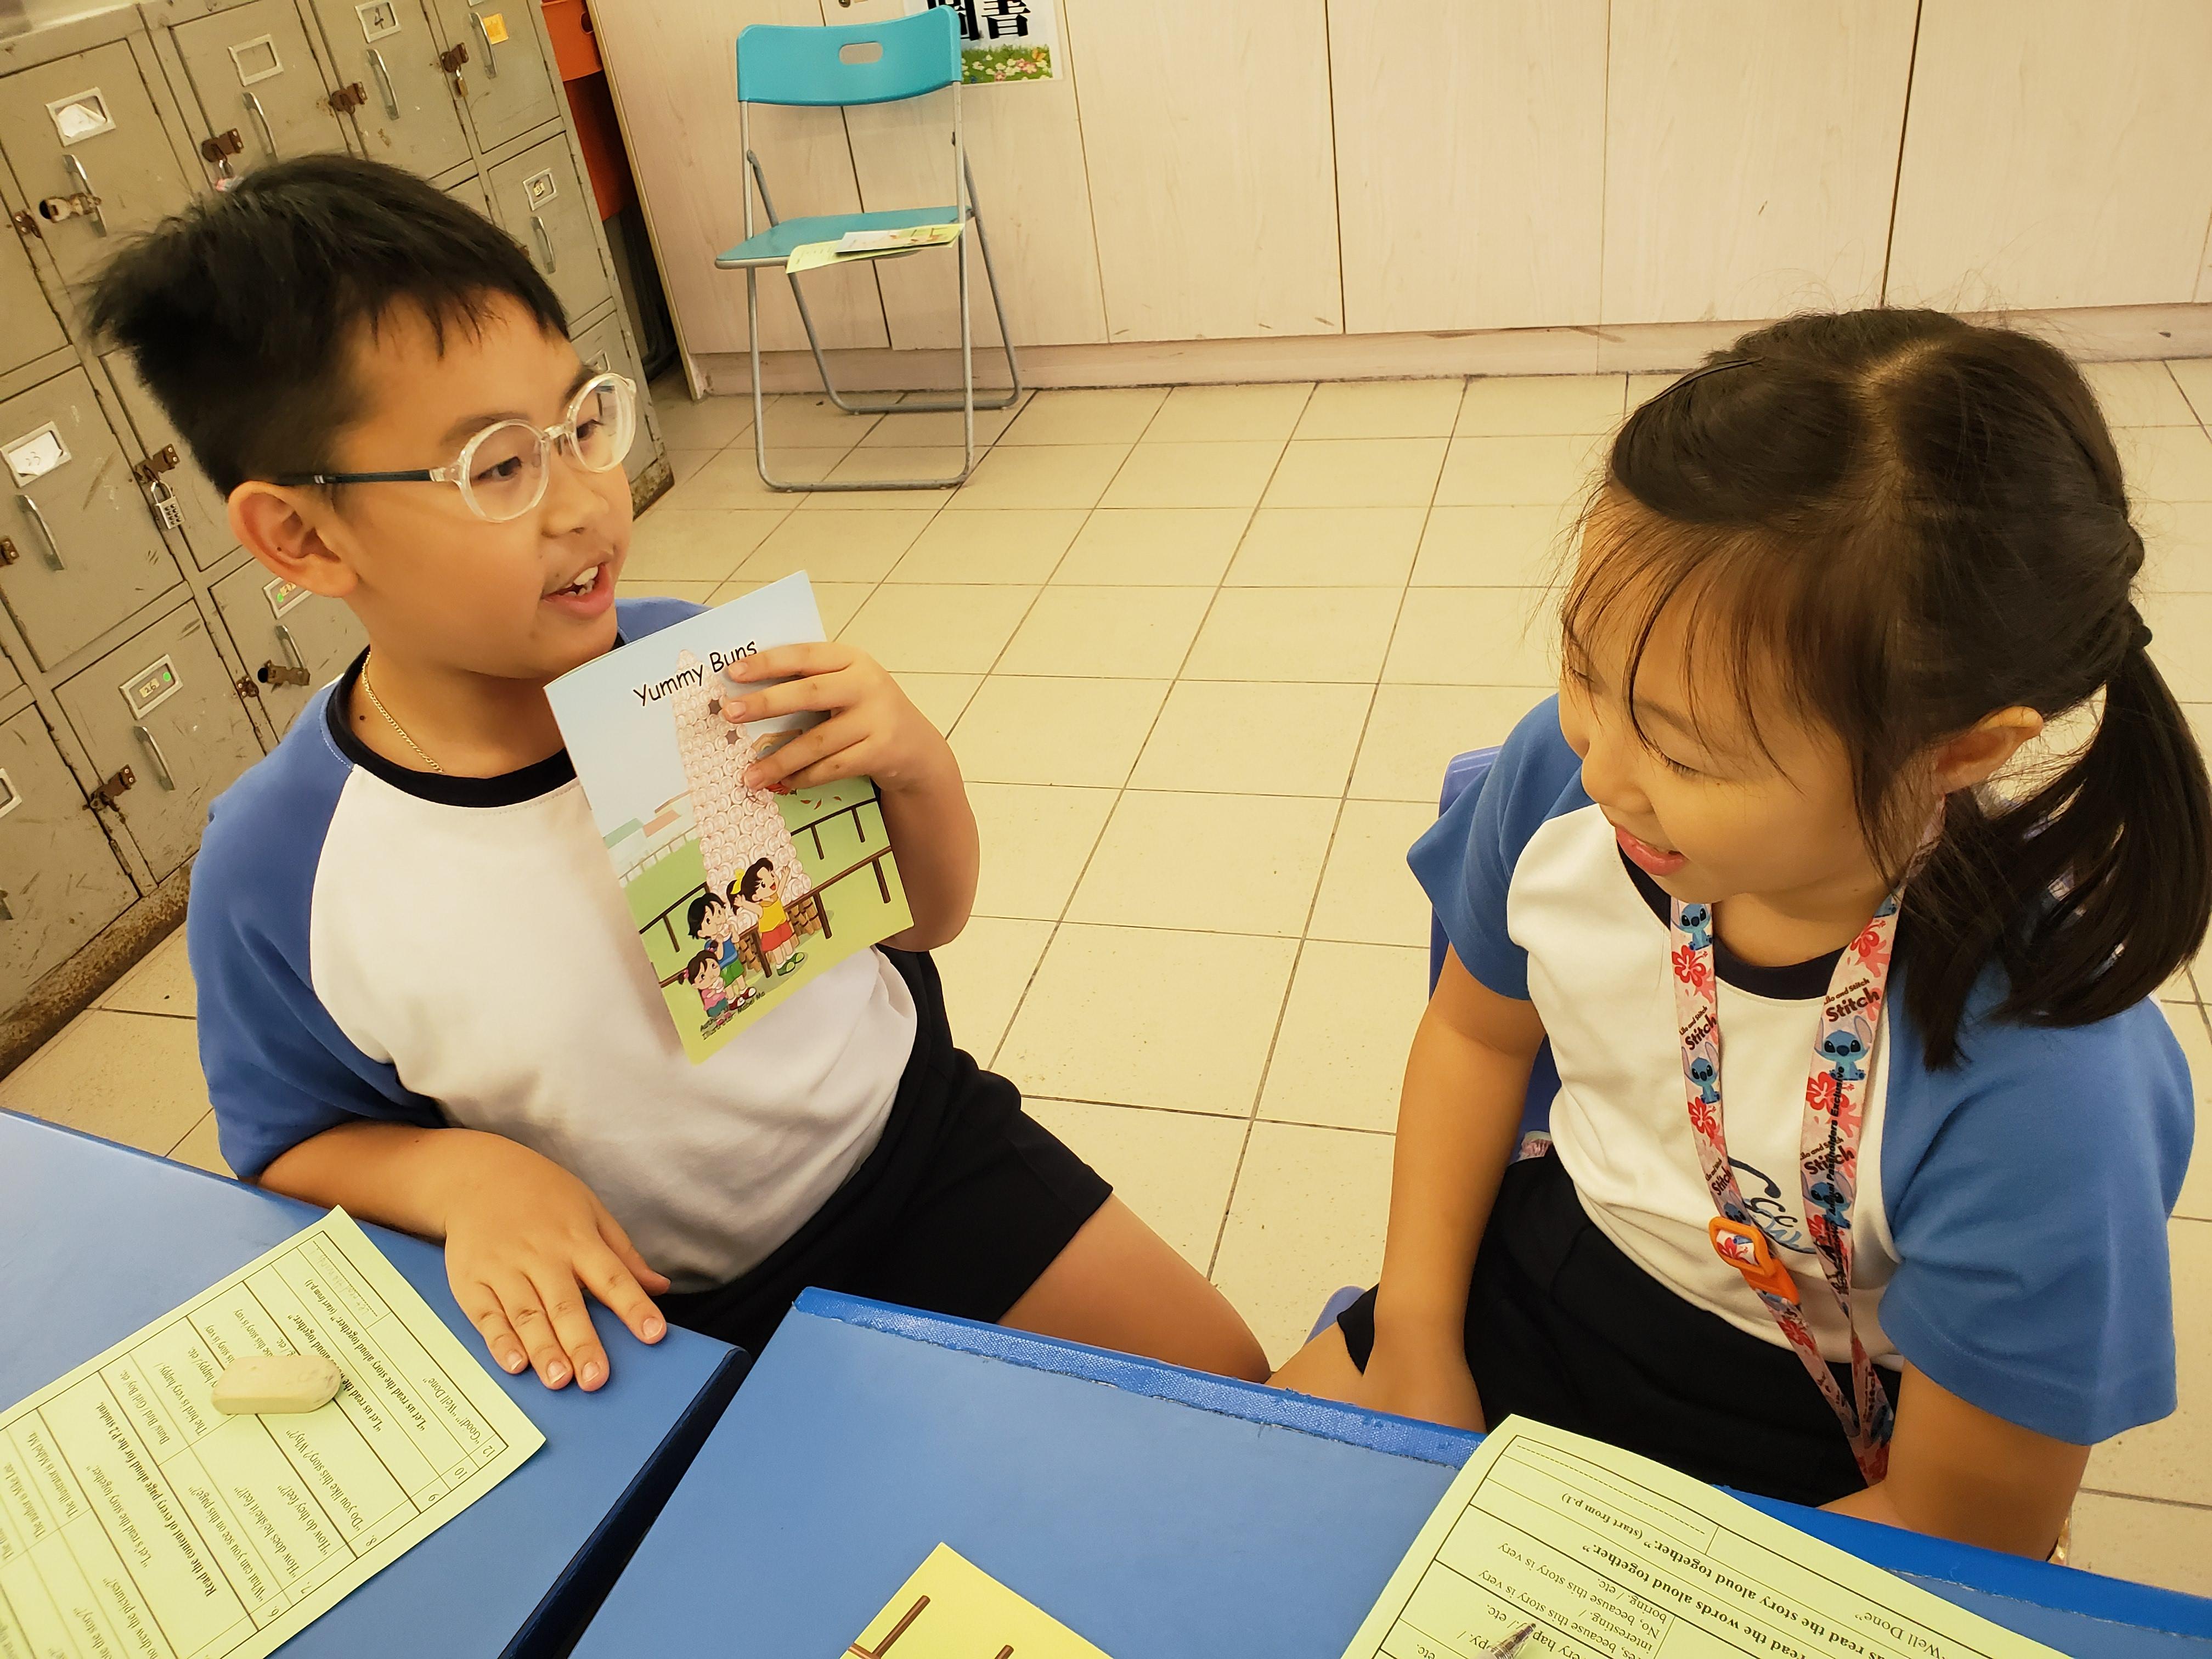 http://www.keiwan.edu.hk/sites/default/files/28_1.jpg